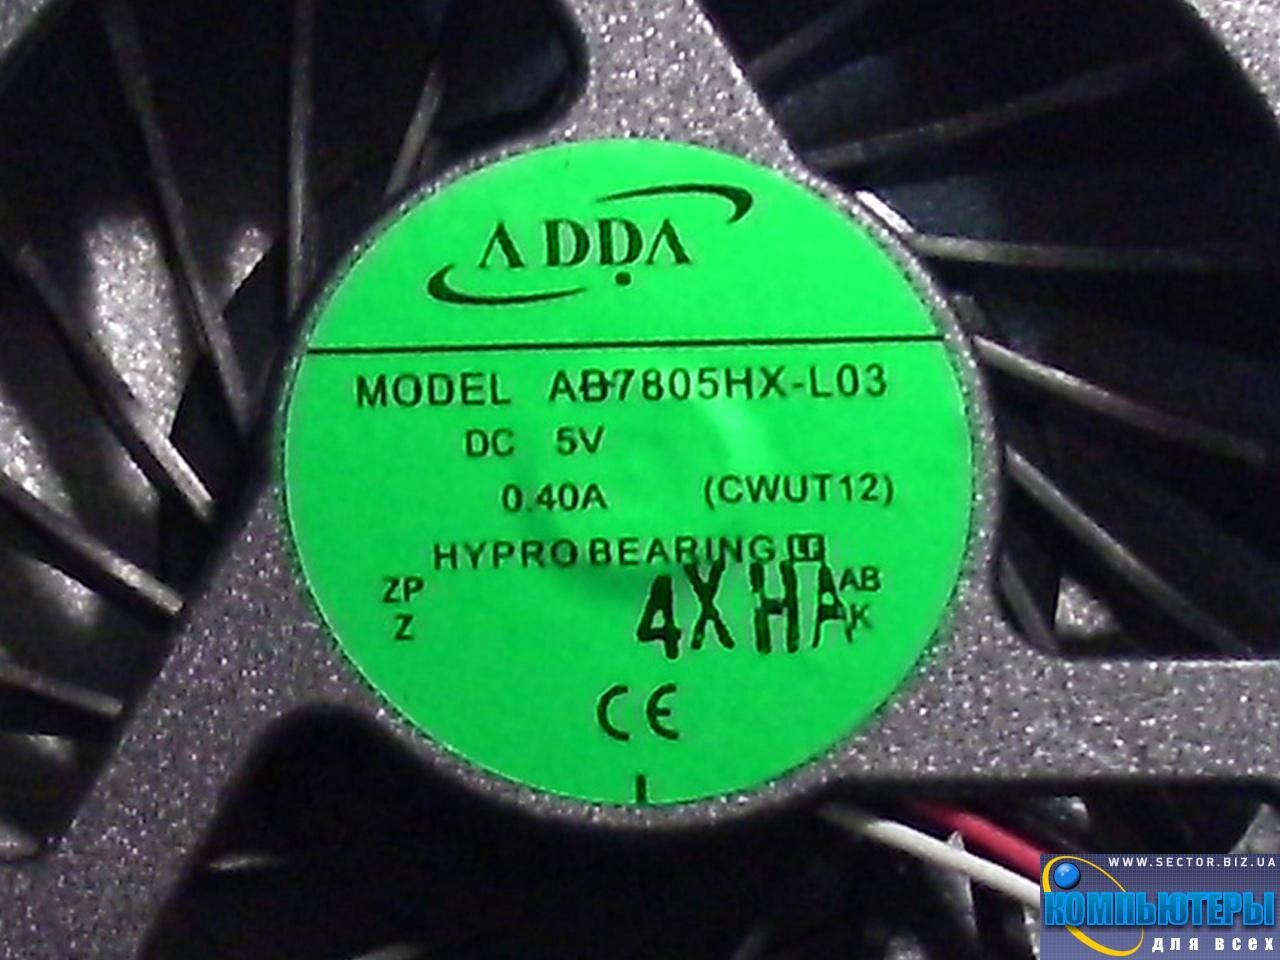 Кулер к ноутбуку HP Pavilion DV6-1000 DV6-1100 DV6-1200 DV6-2000 DV6-2100 DV6-2200 DV6 DV6T DV6Z p/n: AB7805HX-L03. Фото № 5.